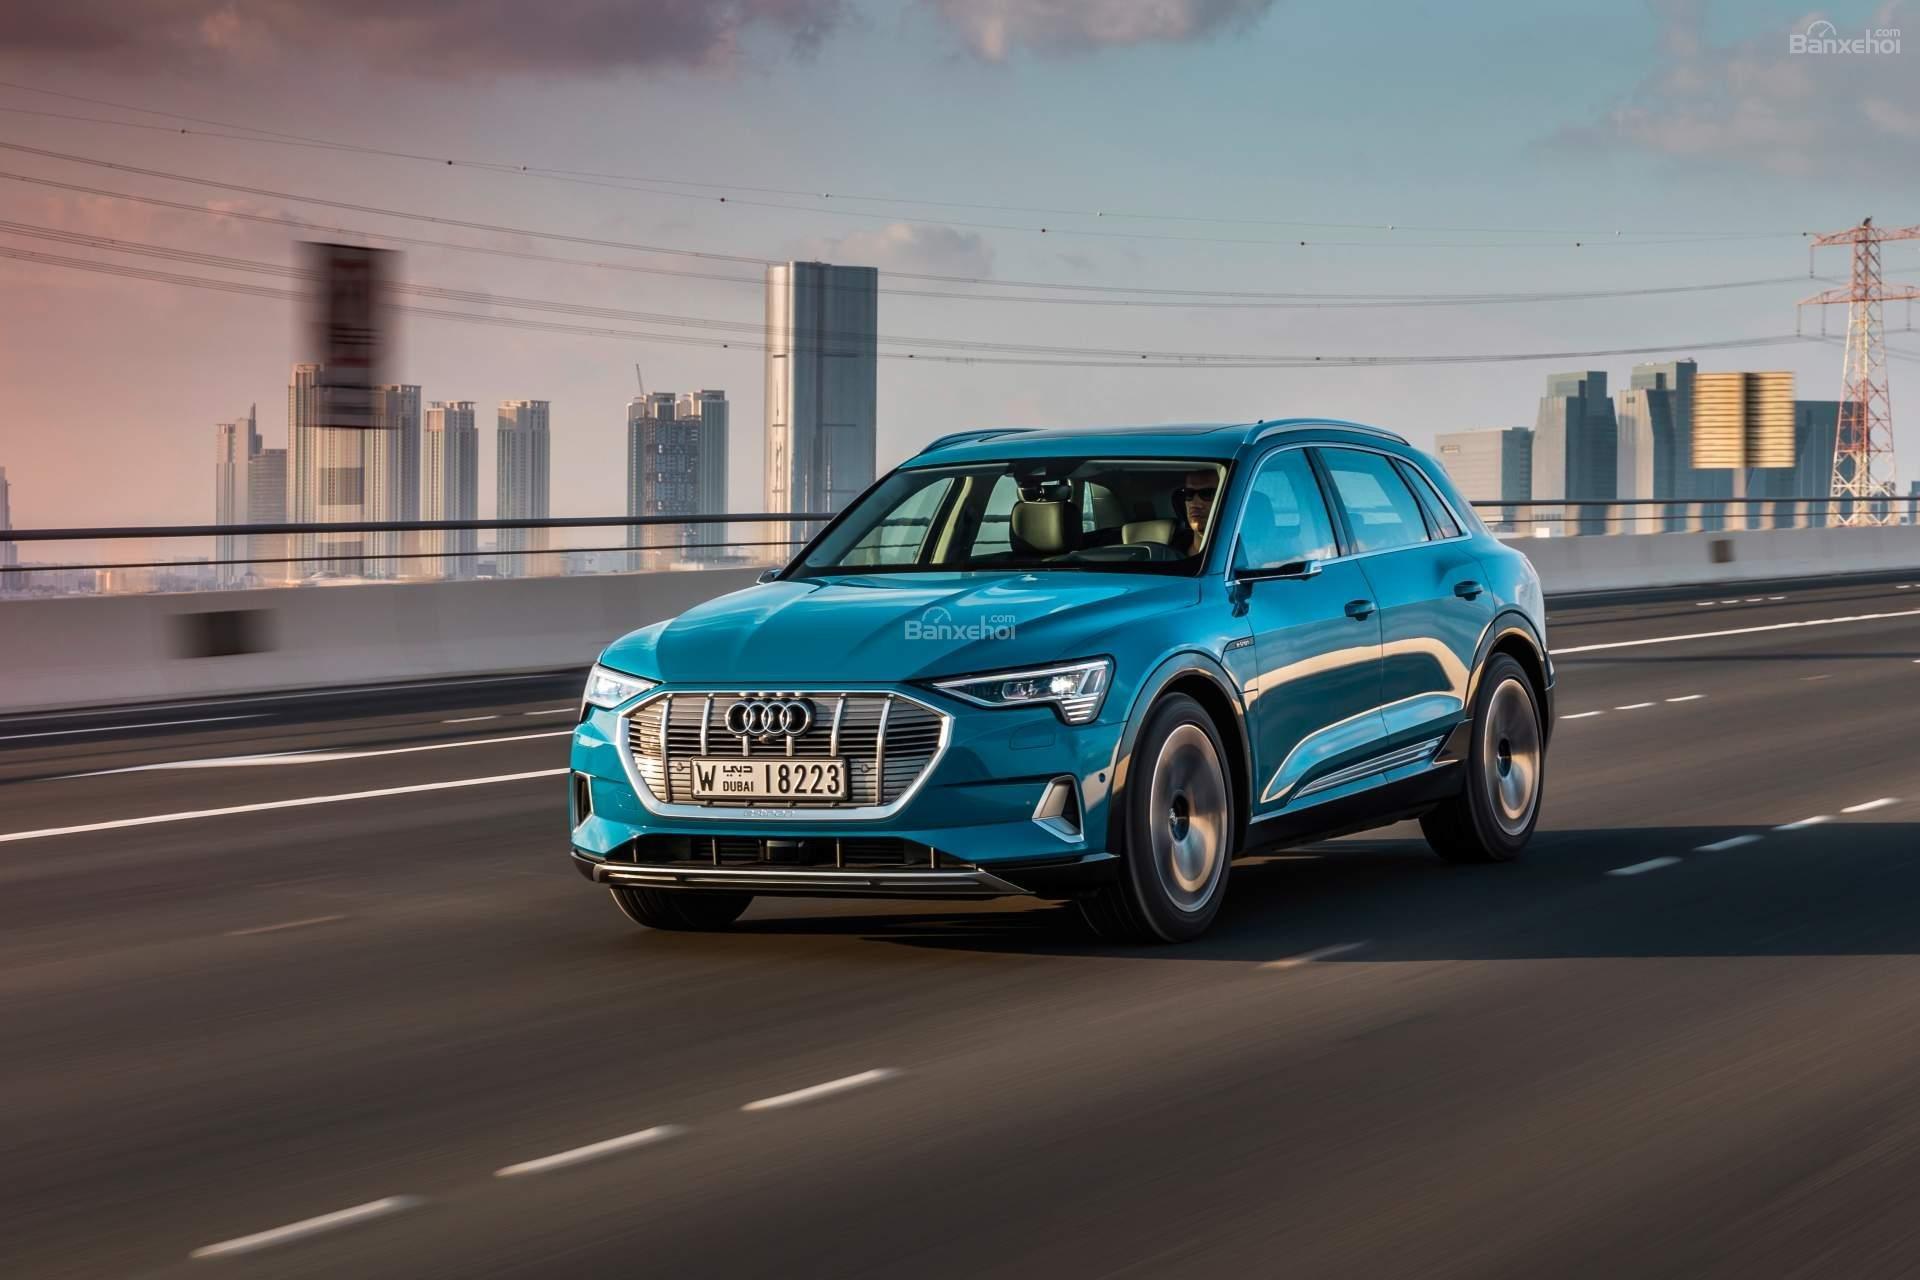 Đánh giá xe Audi E-Tron 2019 - ảnh 3